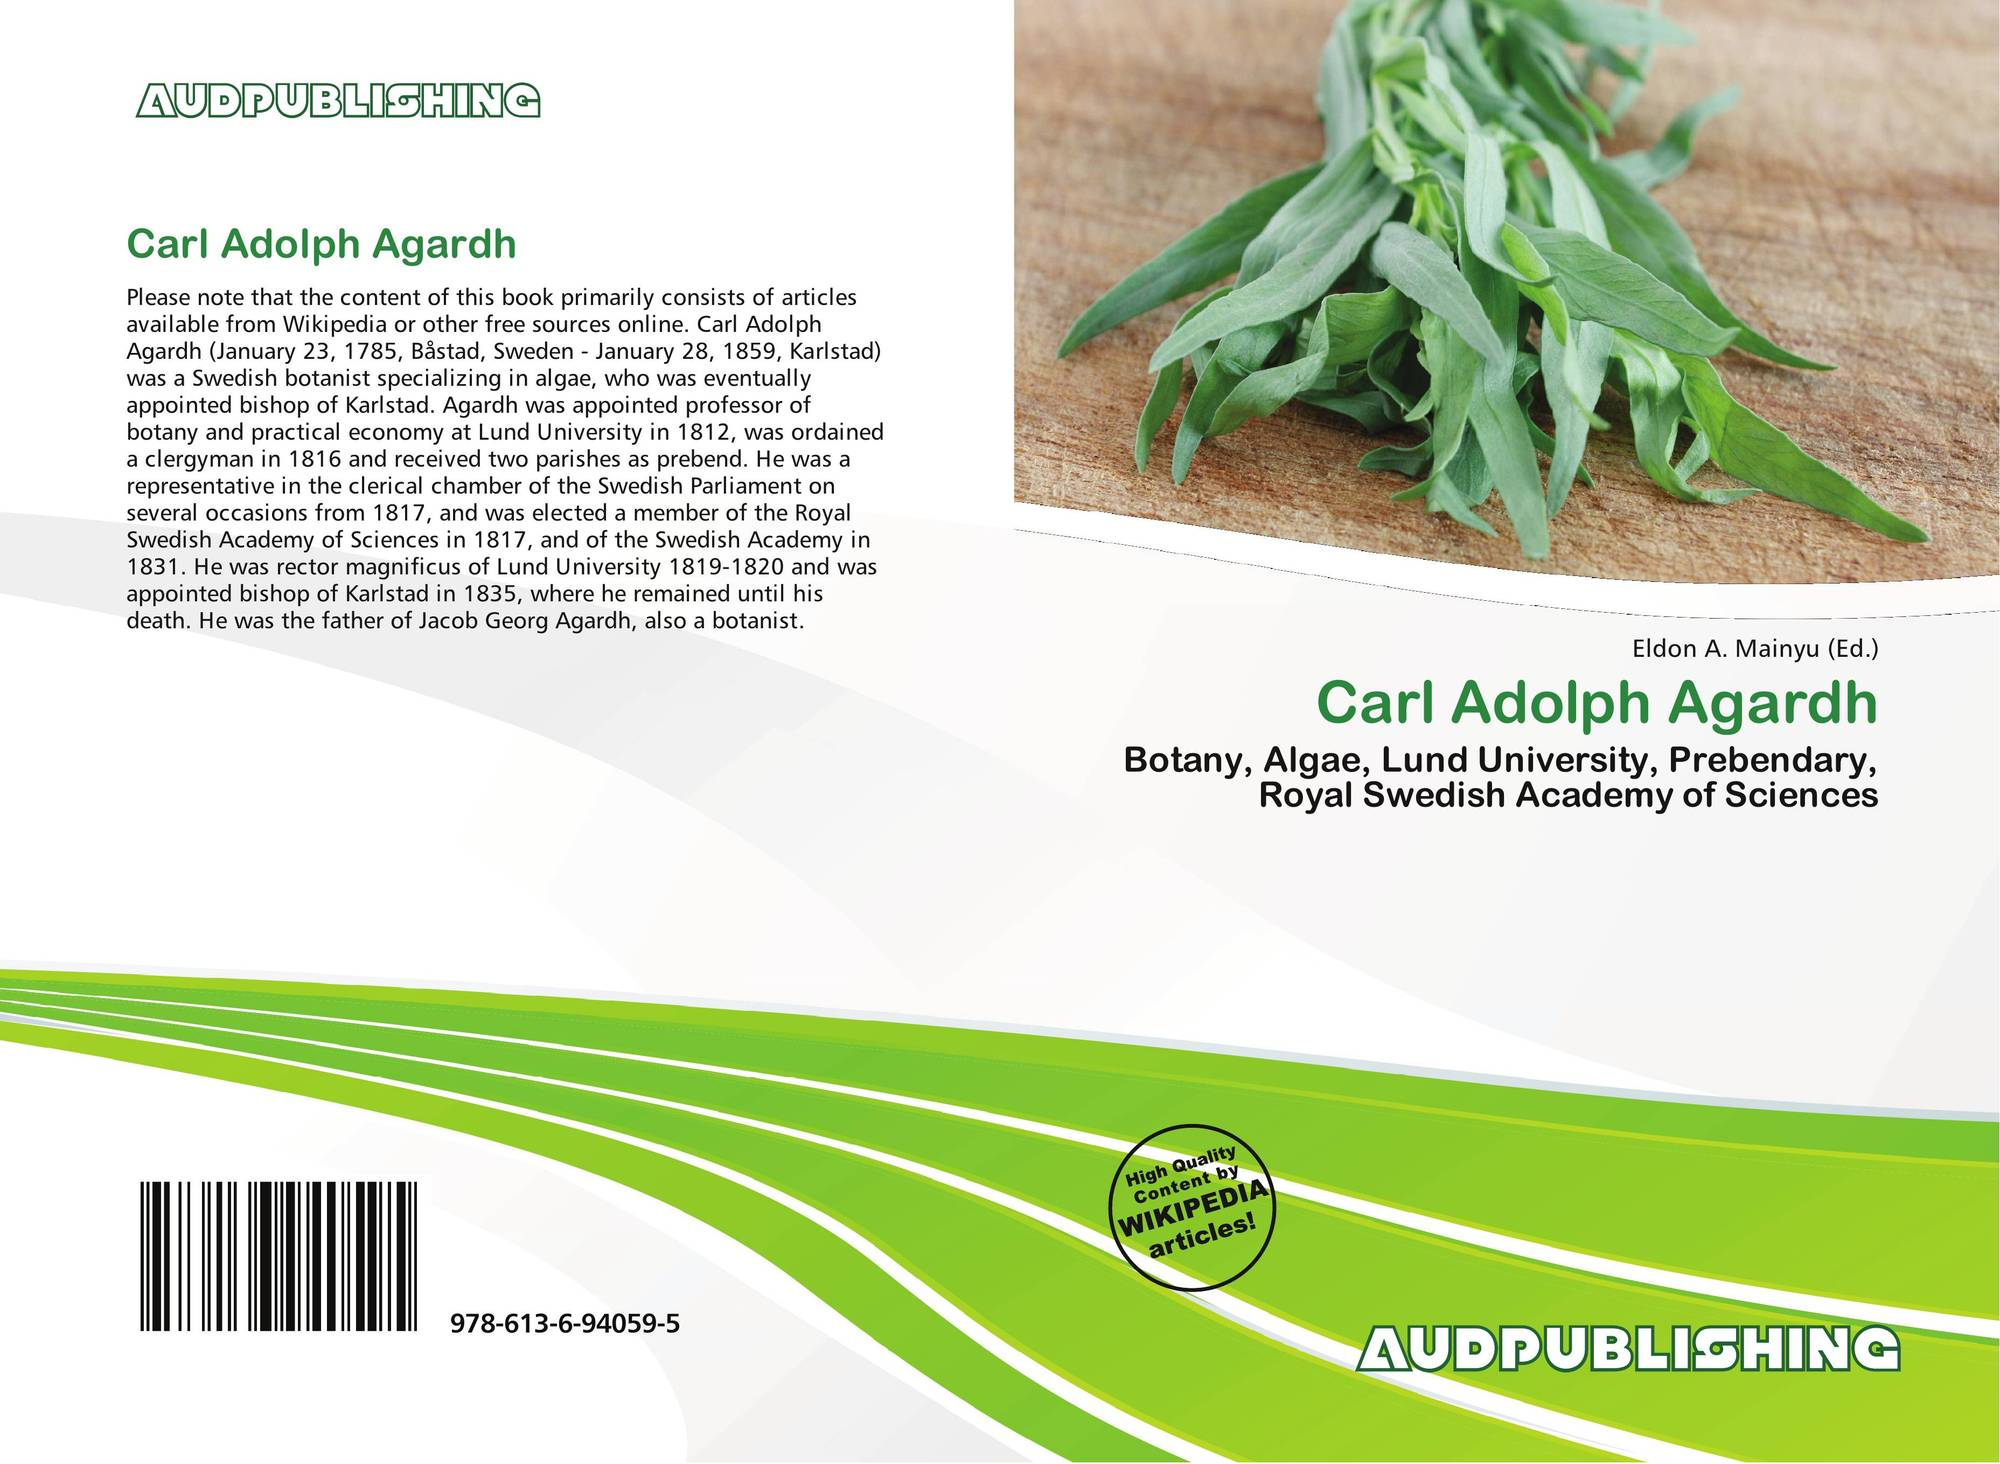 Carl Adolph Agardh, 978-613-6-94059-5, 6136940590 ,9786136940595